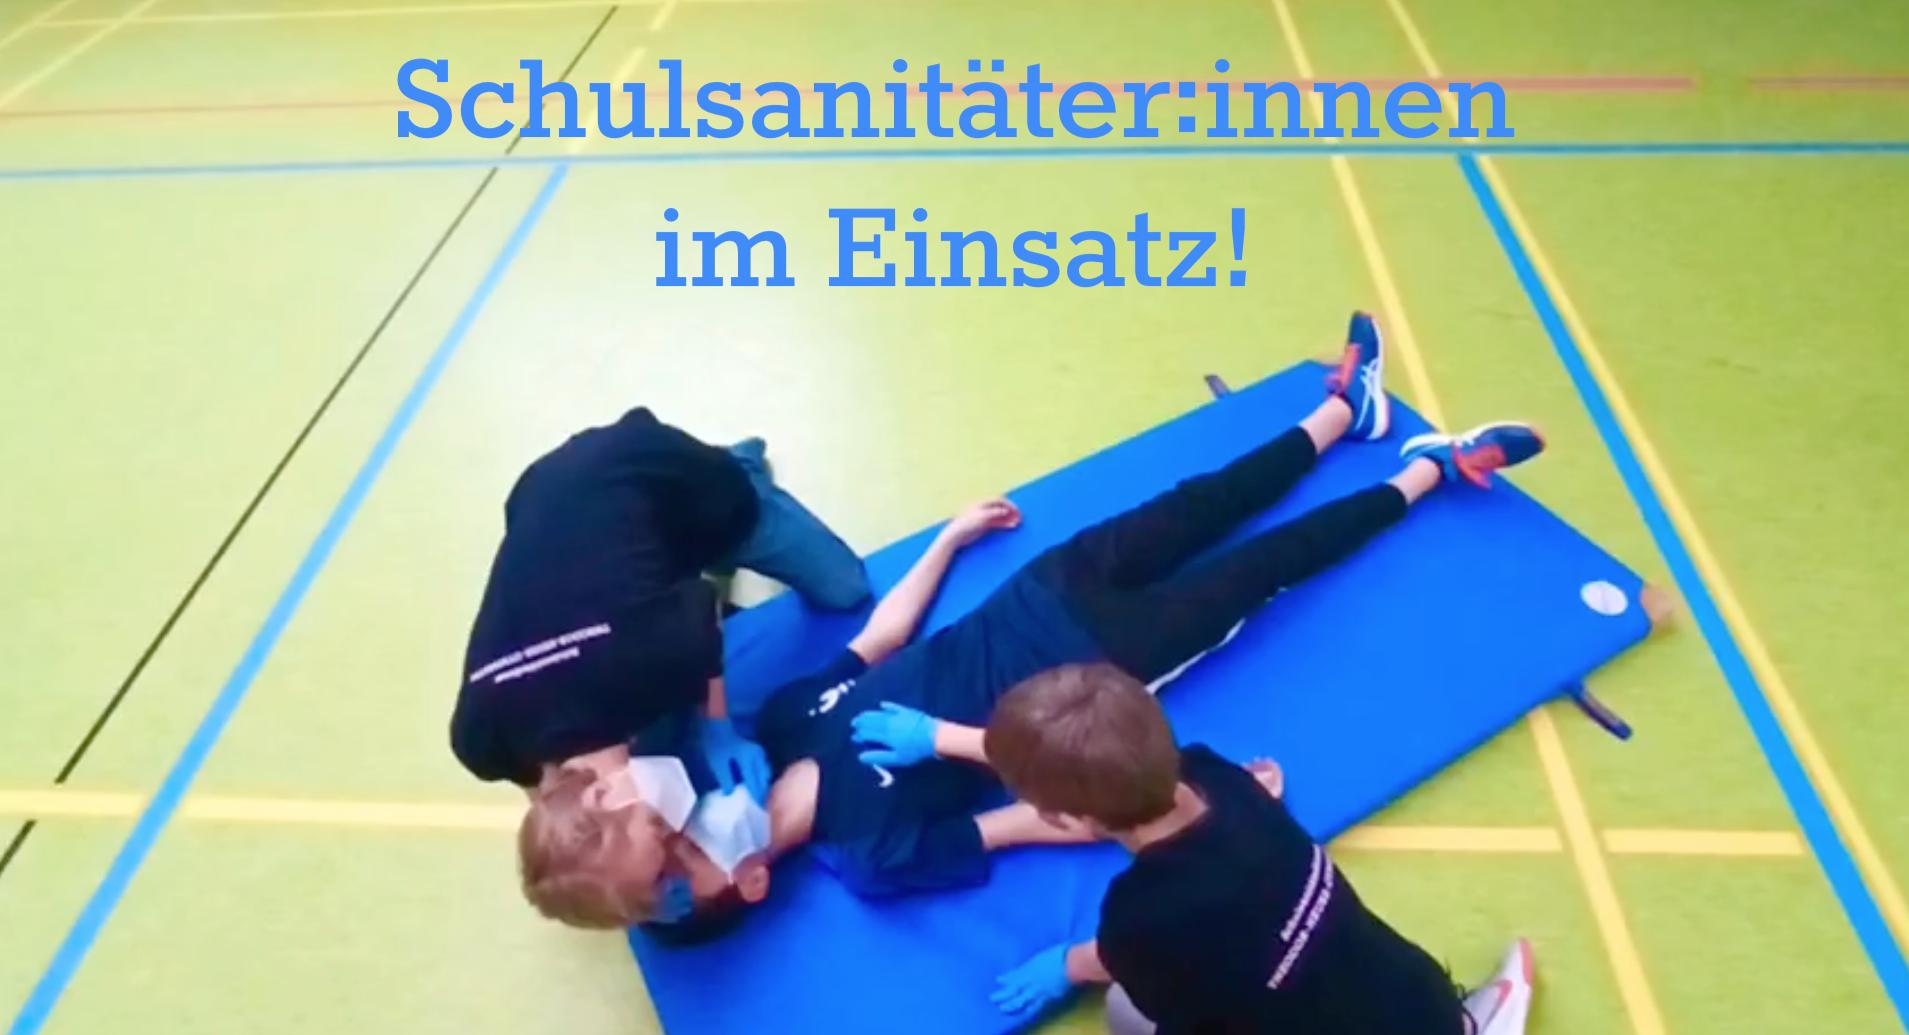 Erste Hilfe rettet Leben – Unsere Schulsanitäter:innen informieren!